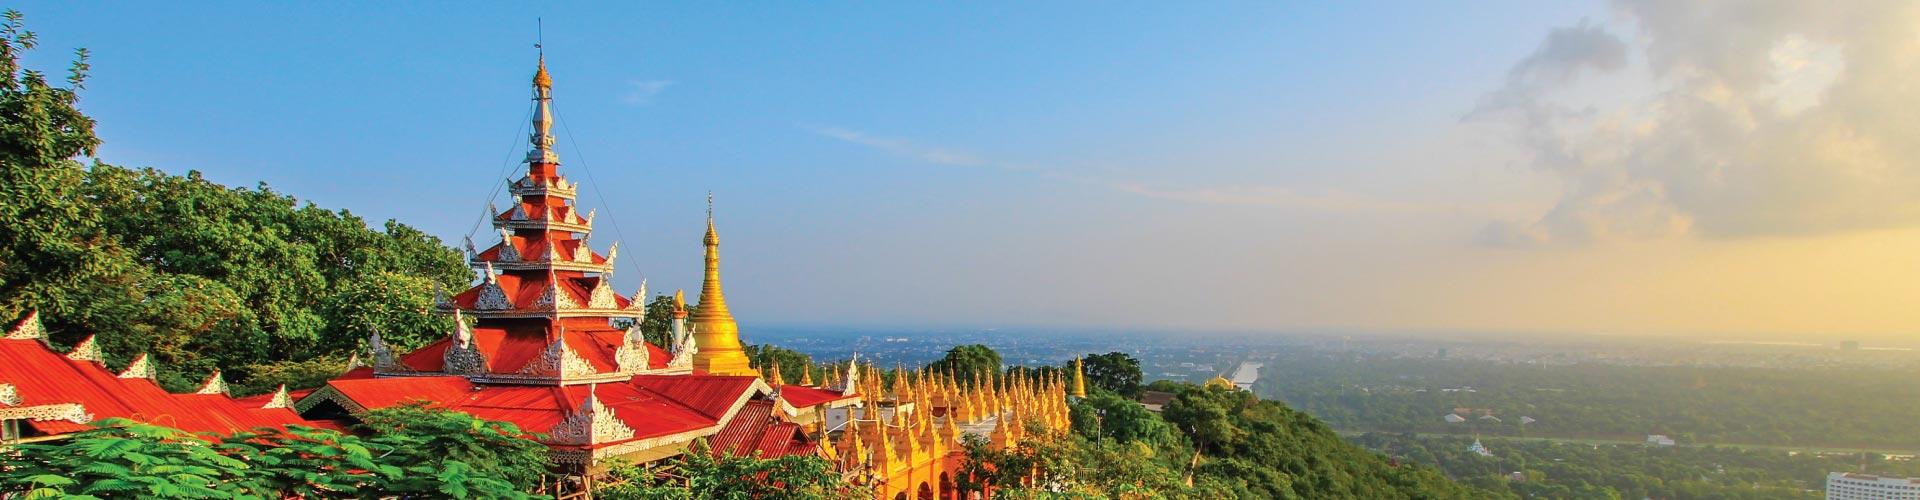 Mandalay, Bagan, Lake Inle